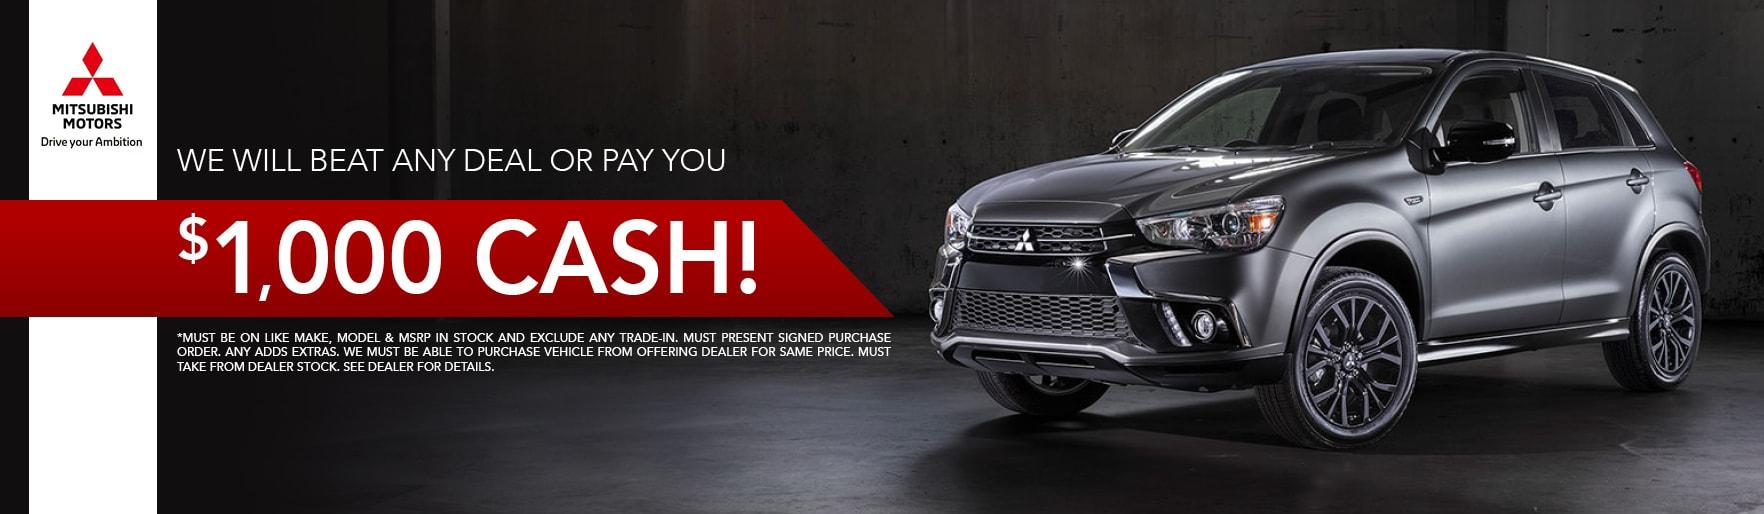 Mitsubishi Dealer San Antonio Tx New Used Mitsubishi Service